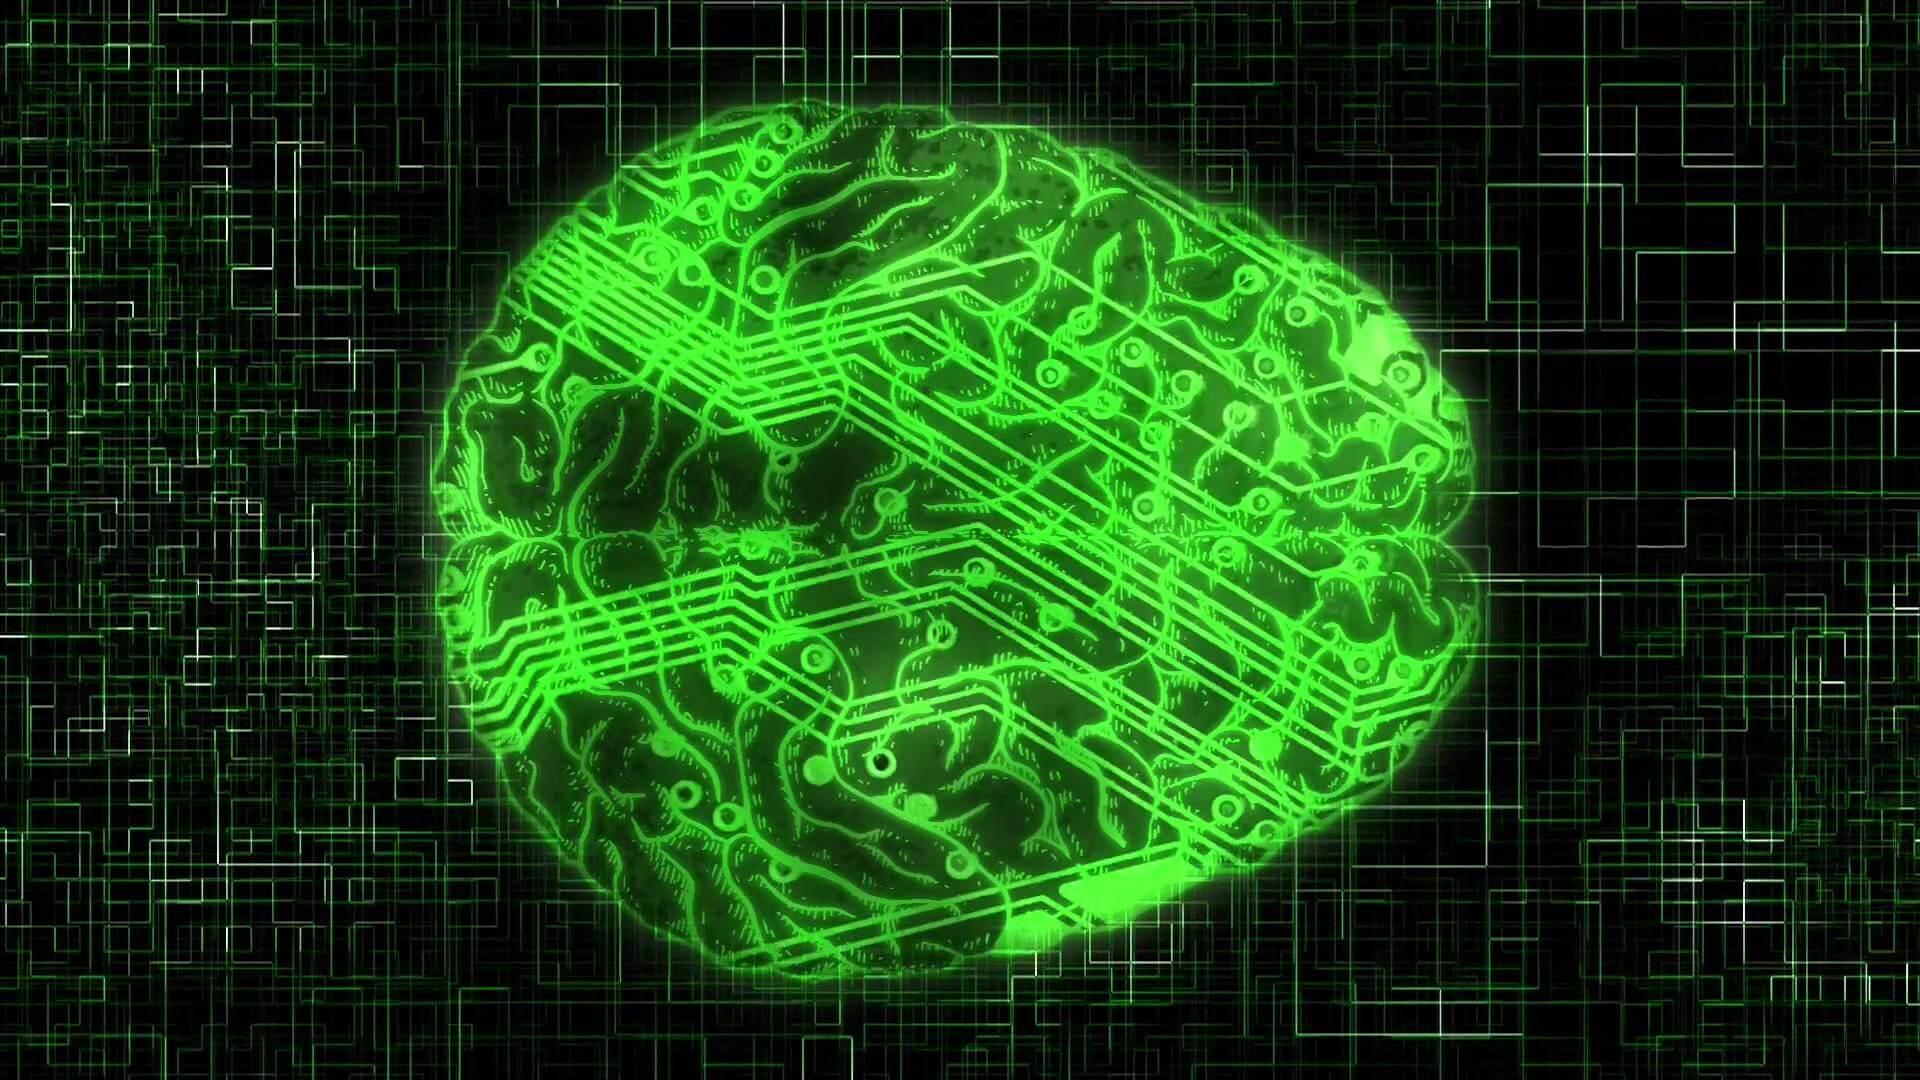 DARPA работает над улучшением человеческих чувств с помощью компьютеров